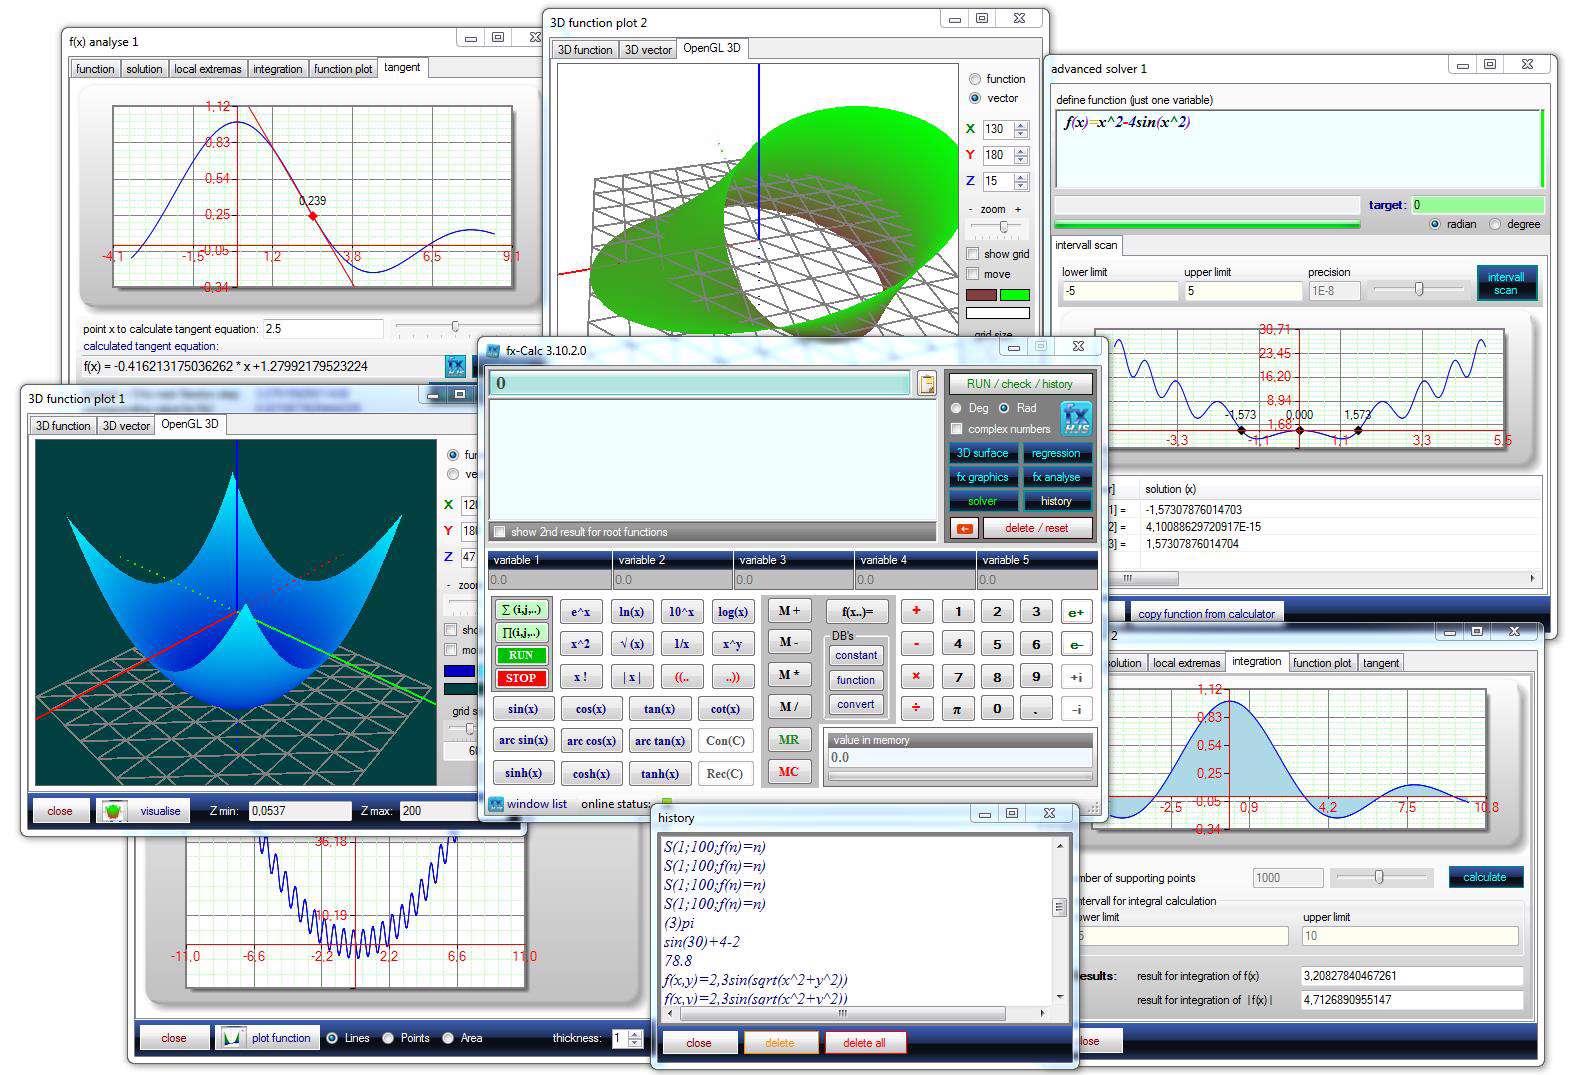 دانلود نرم افزار ماشین حساب مهندسی FxCalc 4.8.5.1 +پرتابل